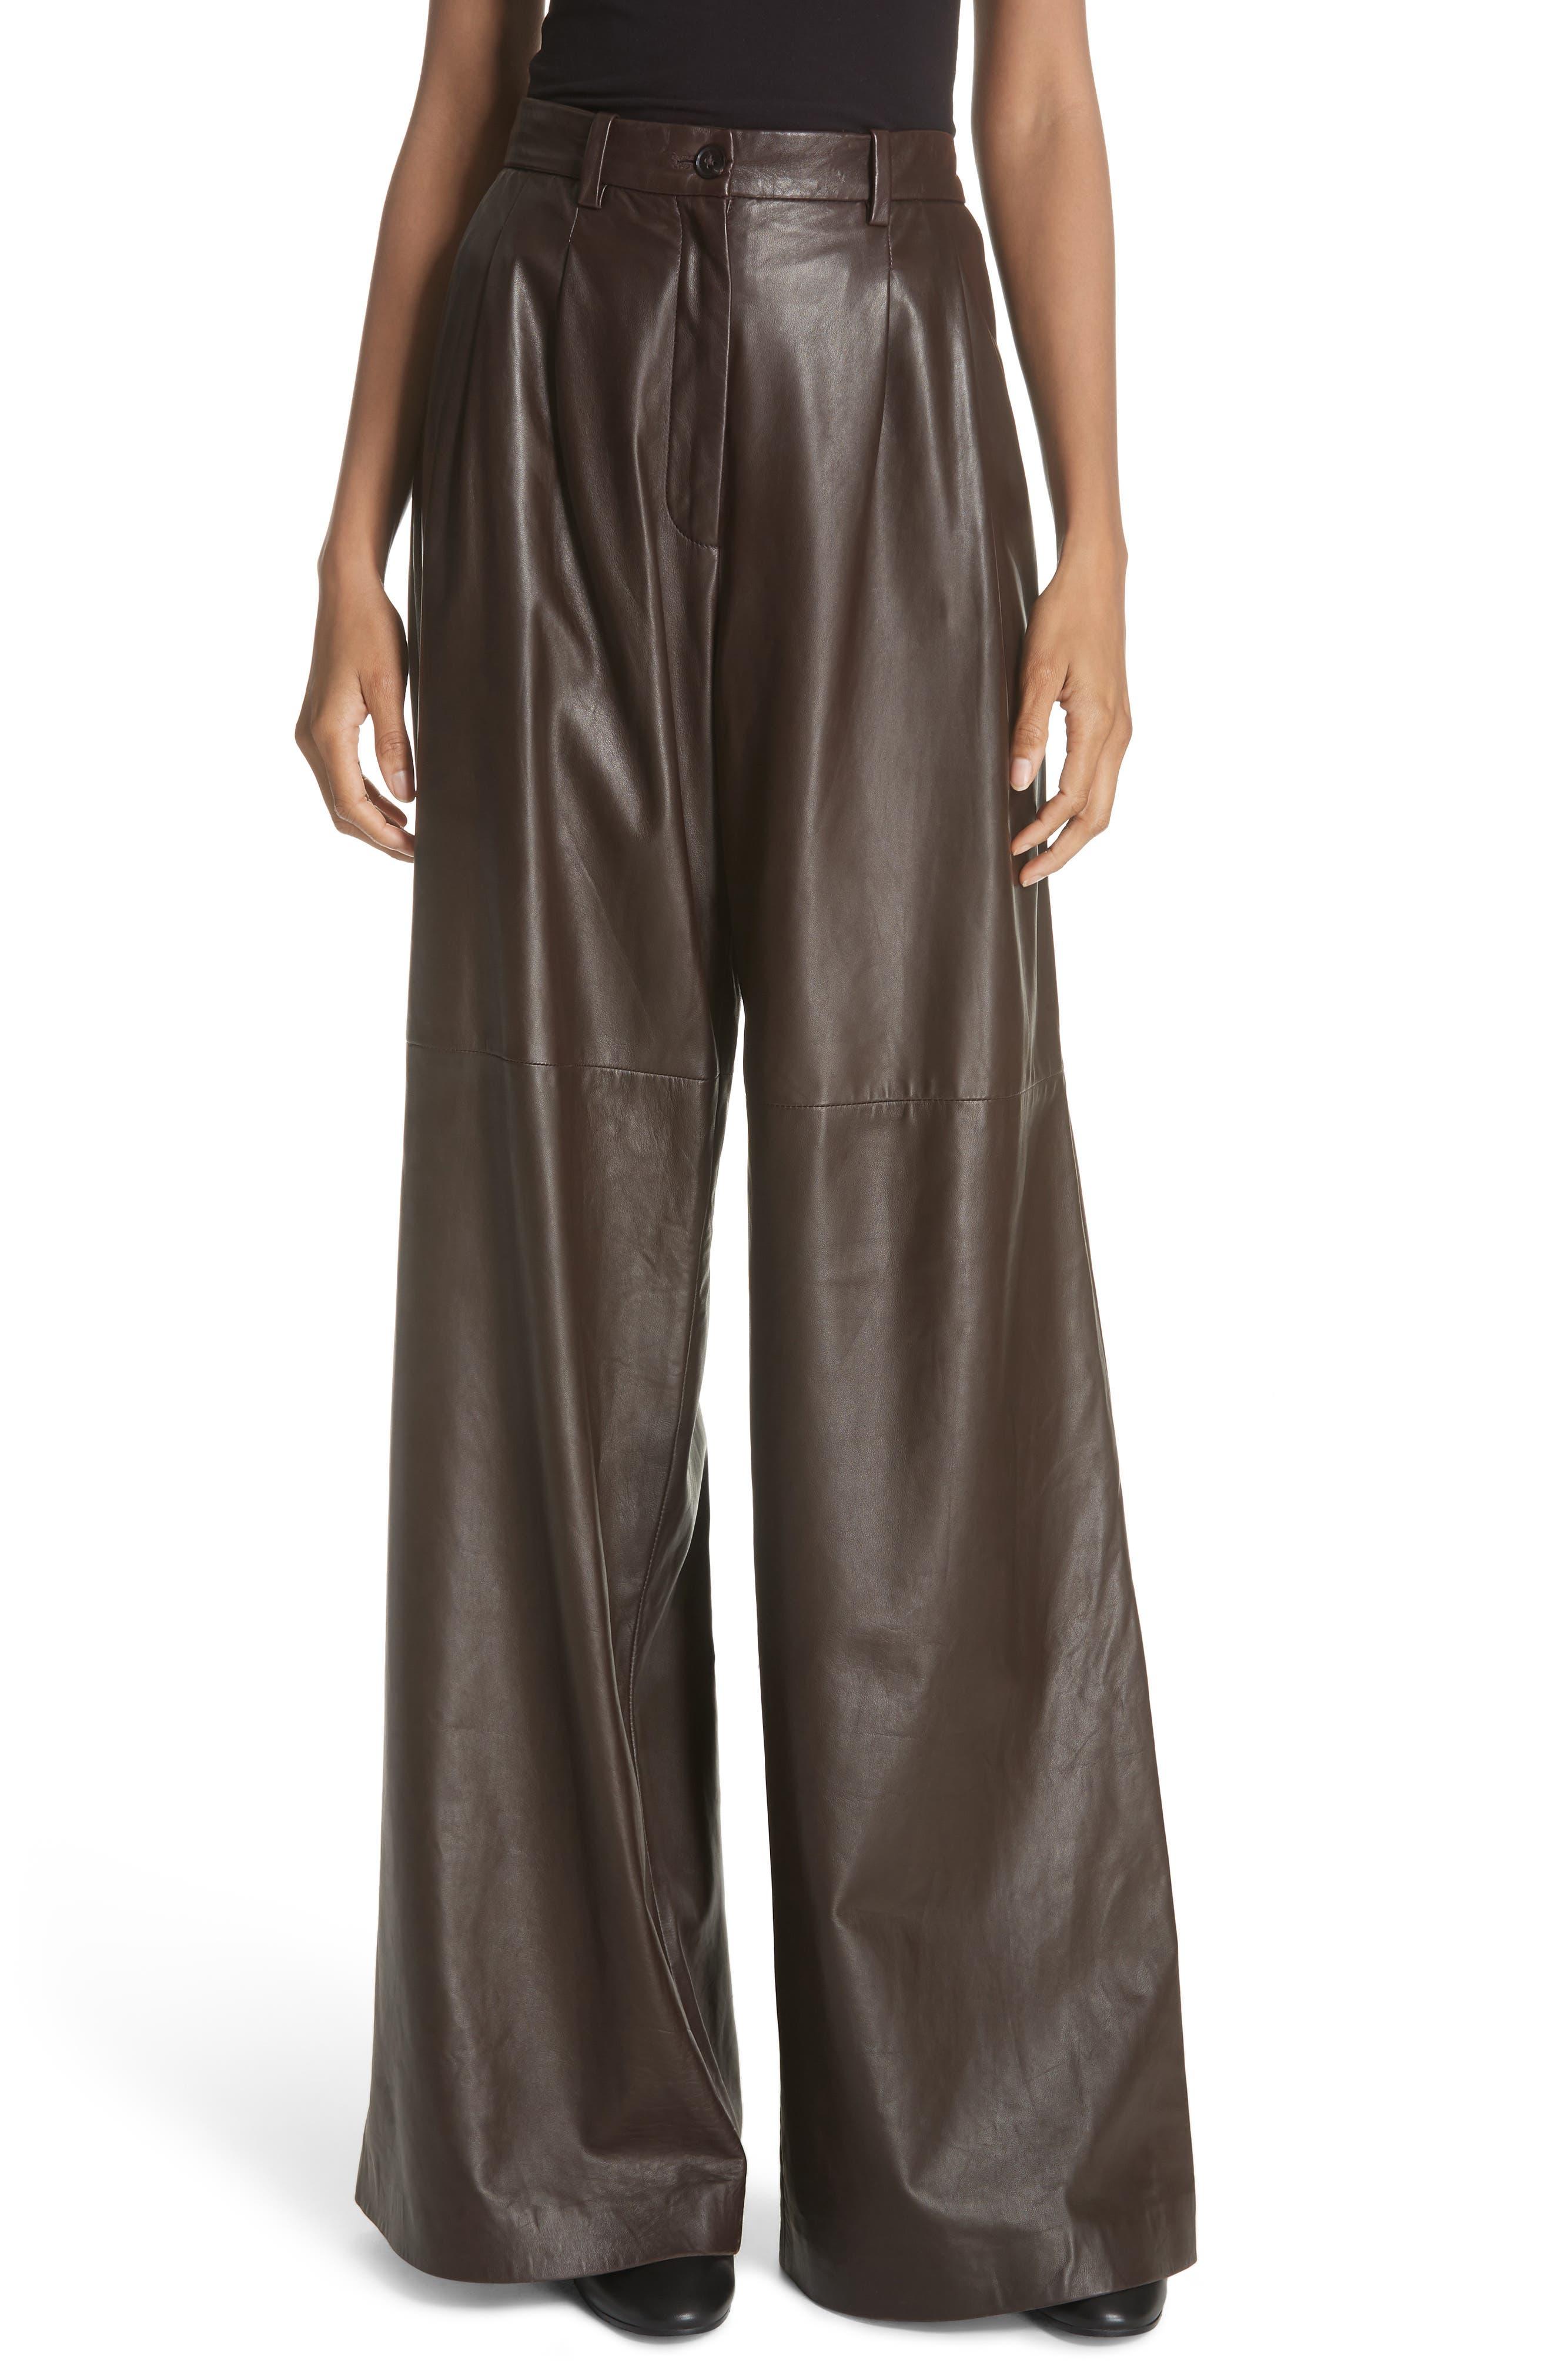 NILI LOTAN, Nico Leather Pants, Main thumbnail 1, color, BROWN